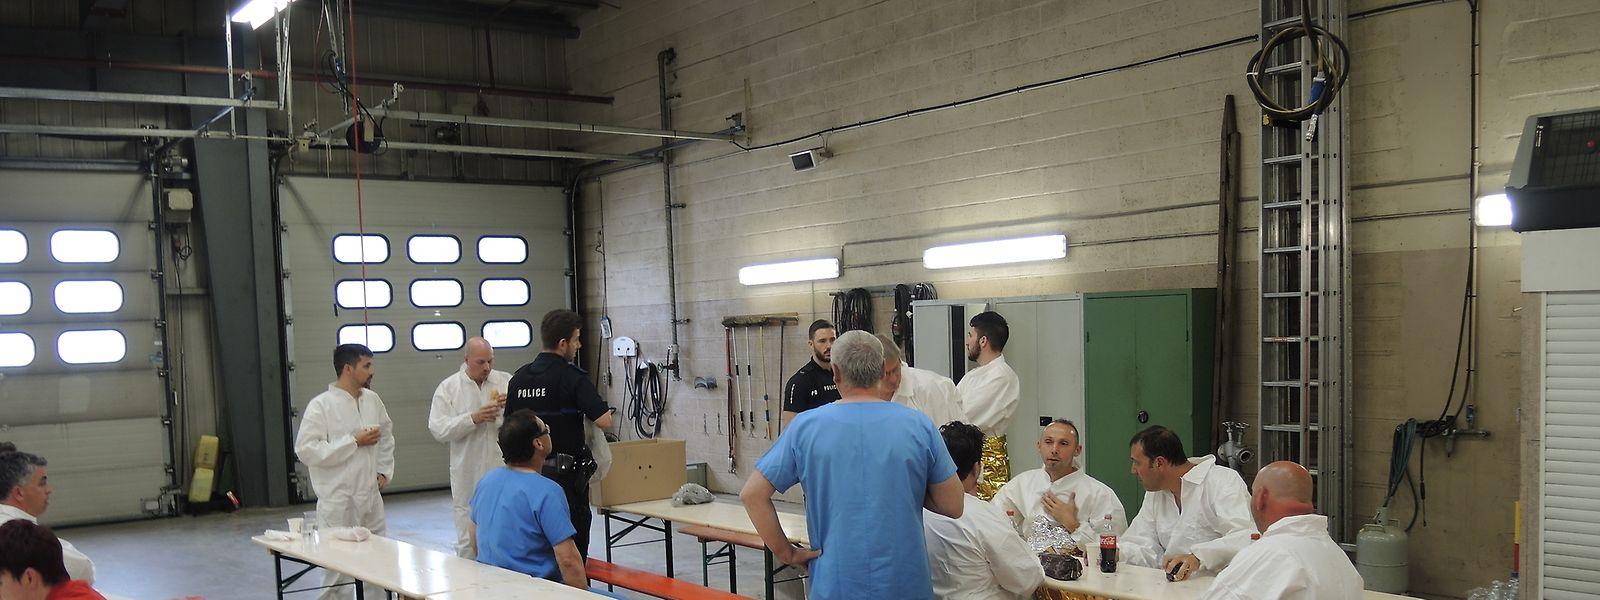 In weißen Schutzanzügen gekleidet, warten die ArcelorMittal-Mitarbeiter in der Differdinger Kaserne auf ihre Habseligkeiten.